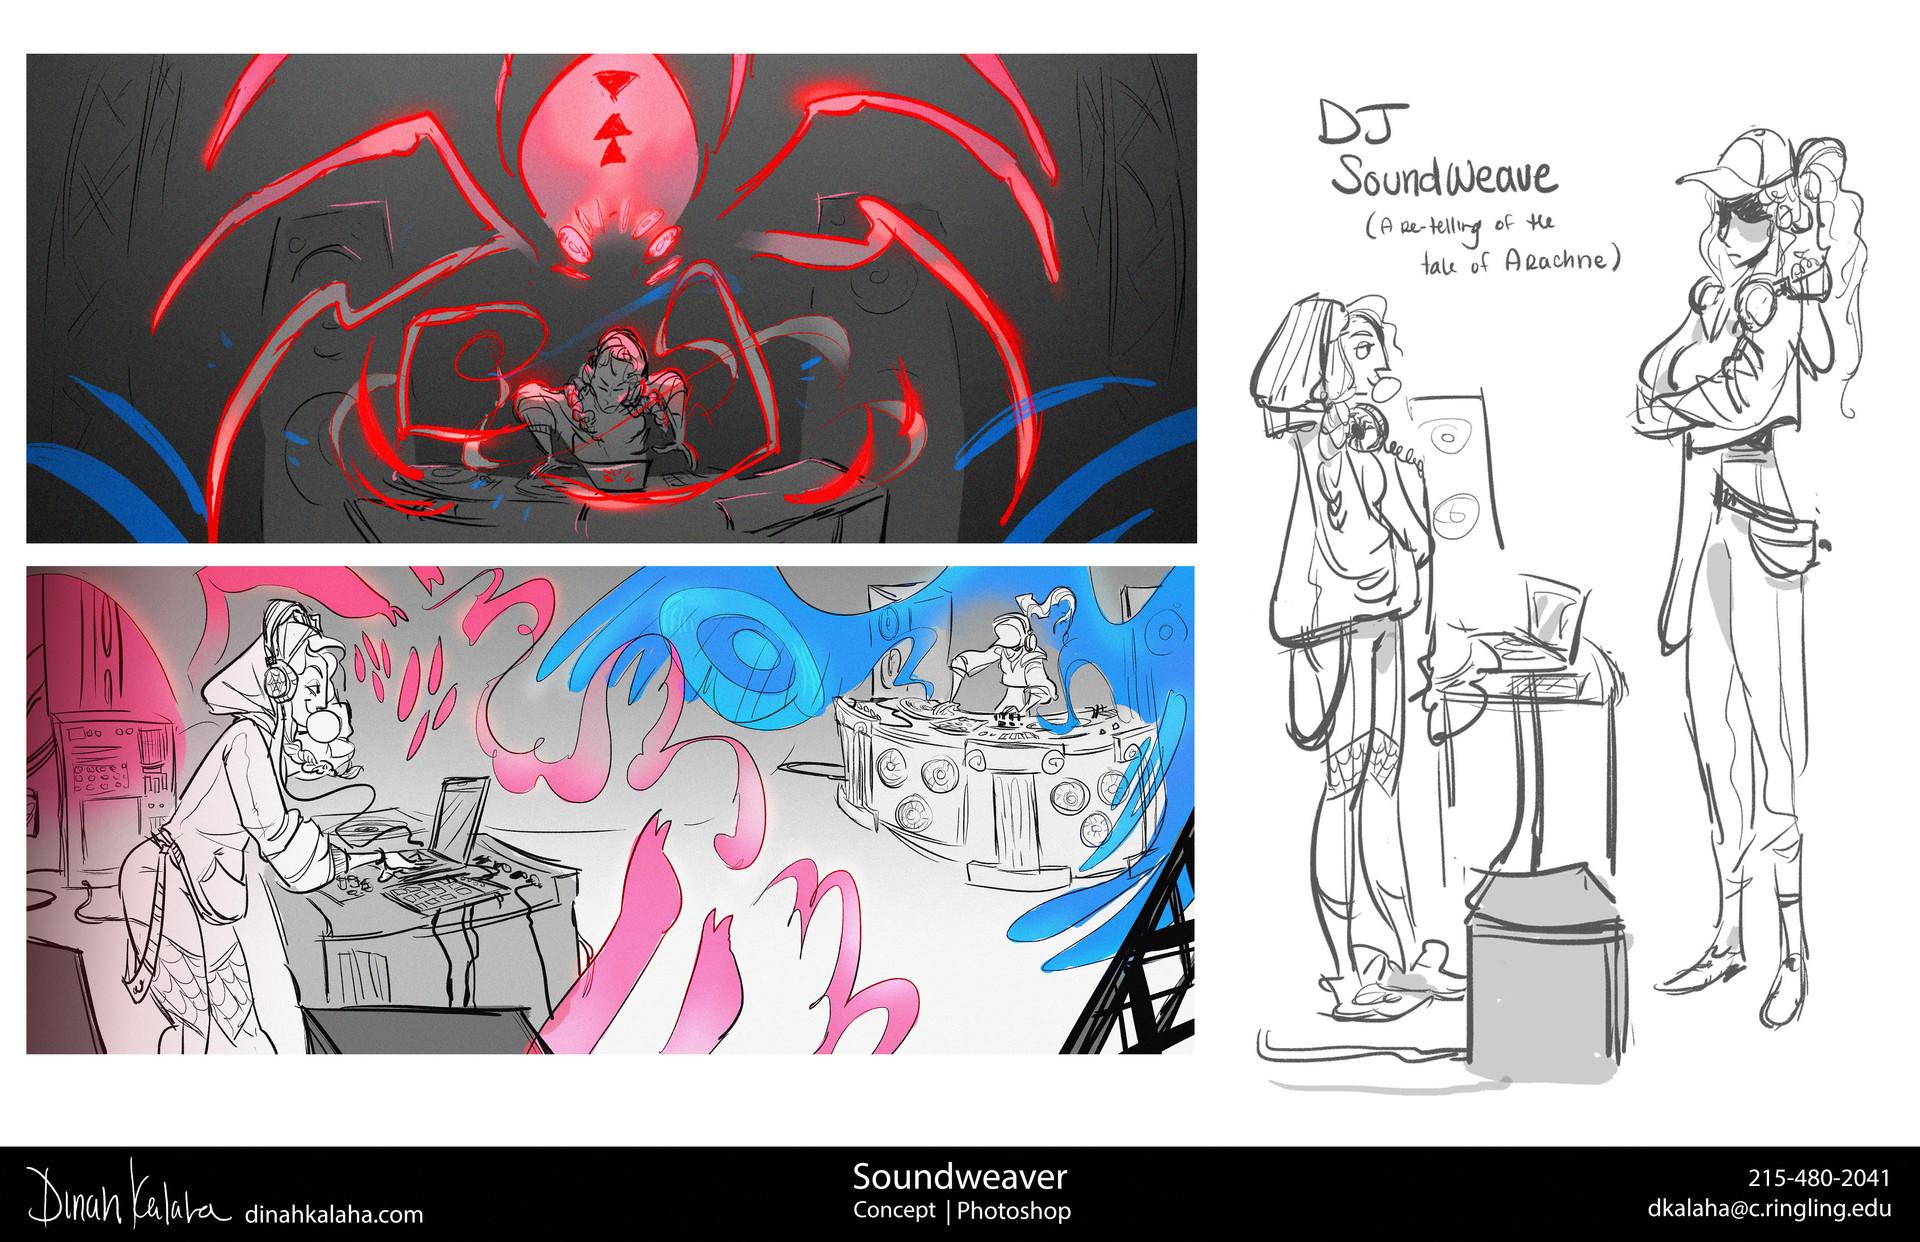 Soundweaver: Concept